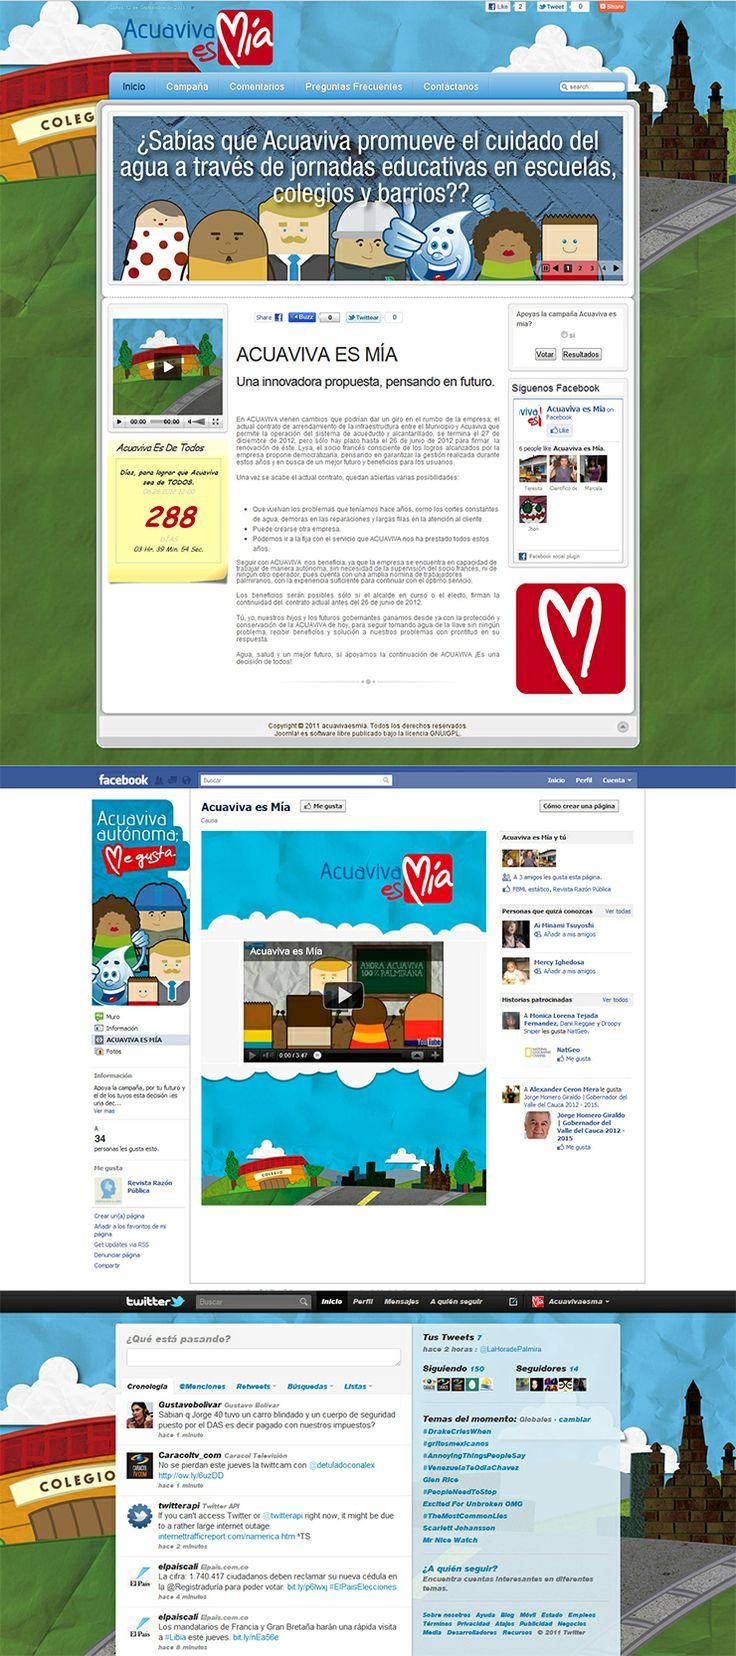 Campaña Acuaviva es mía, diseño web y estrategia de redes sociales